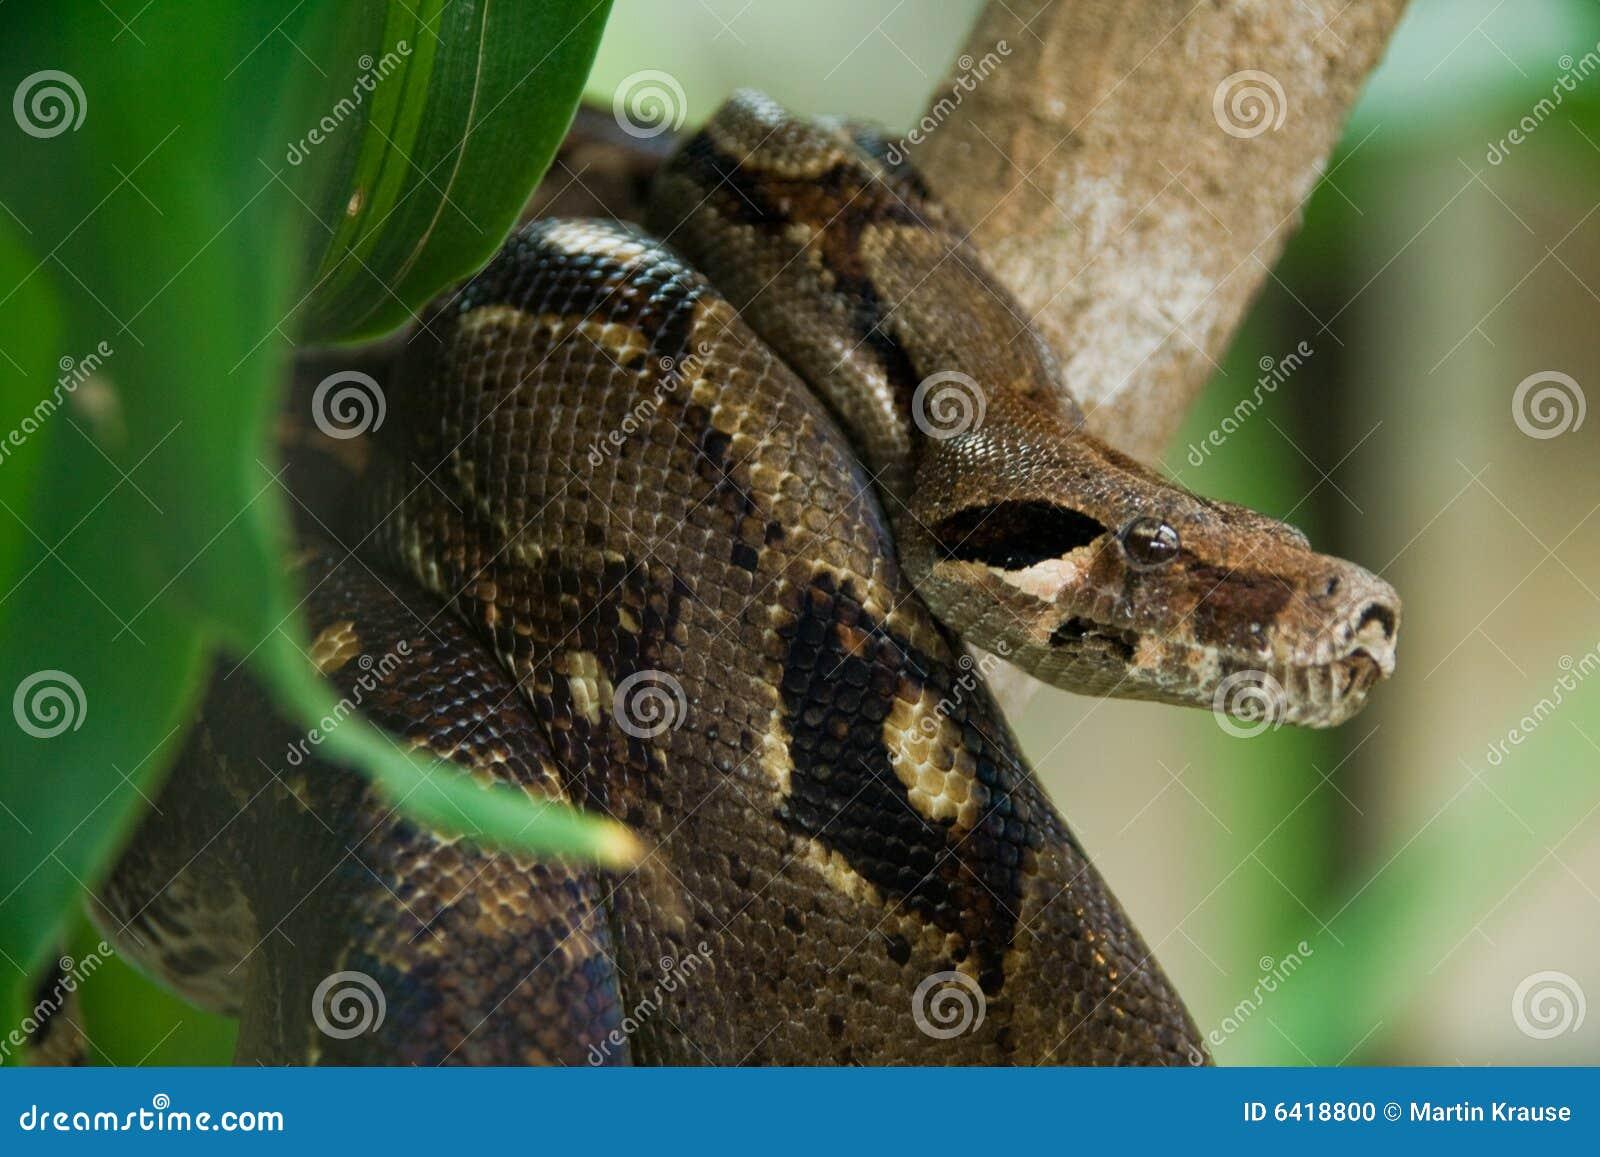 Jagd Anaconda